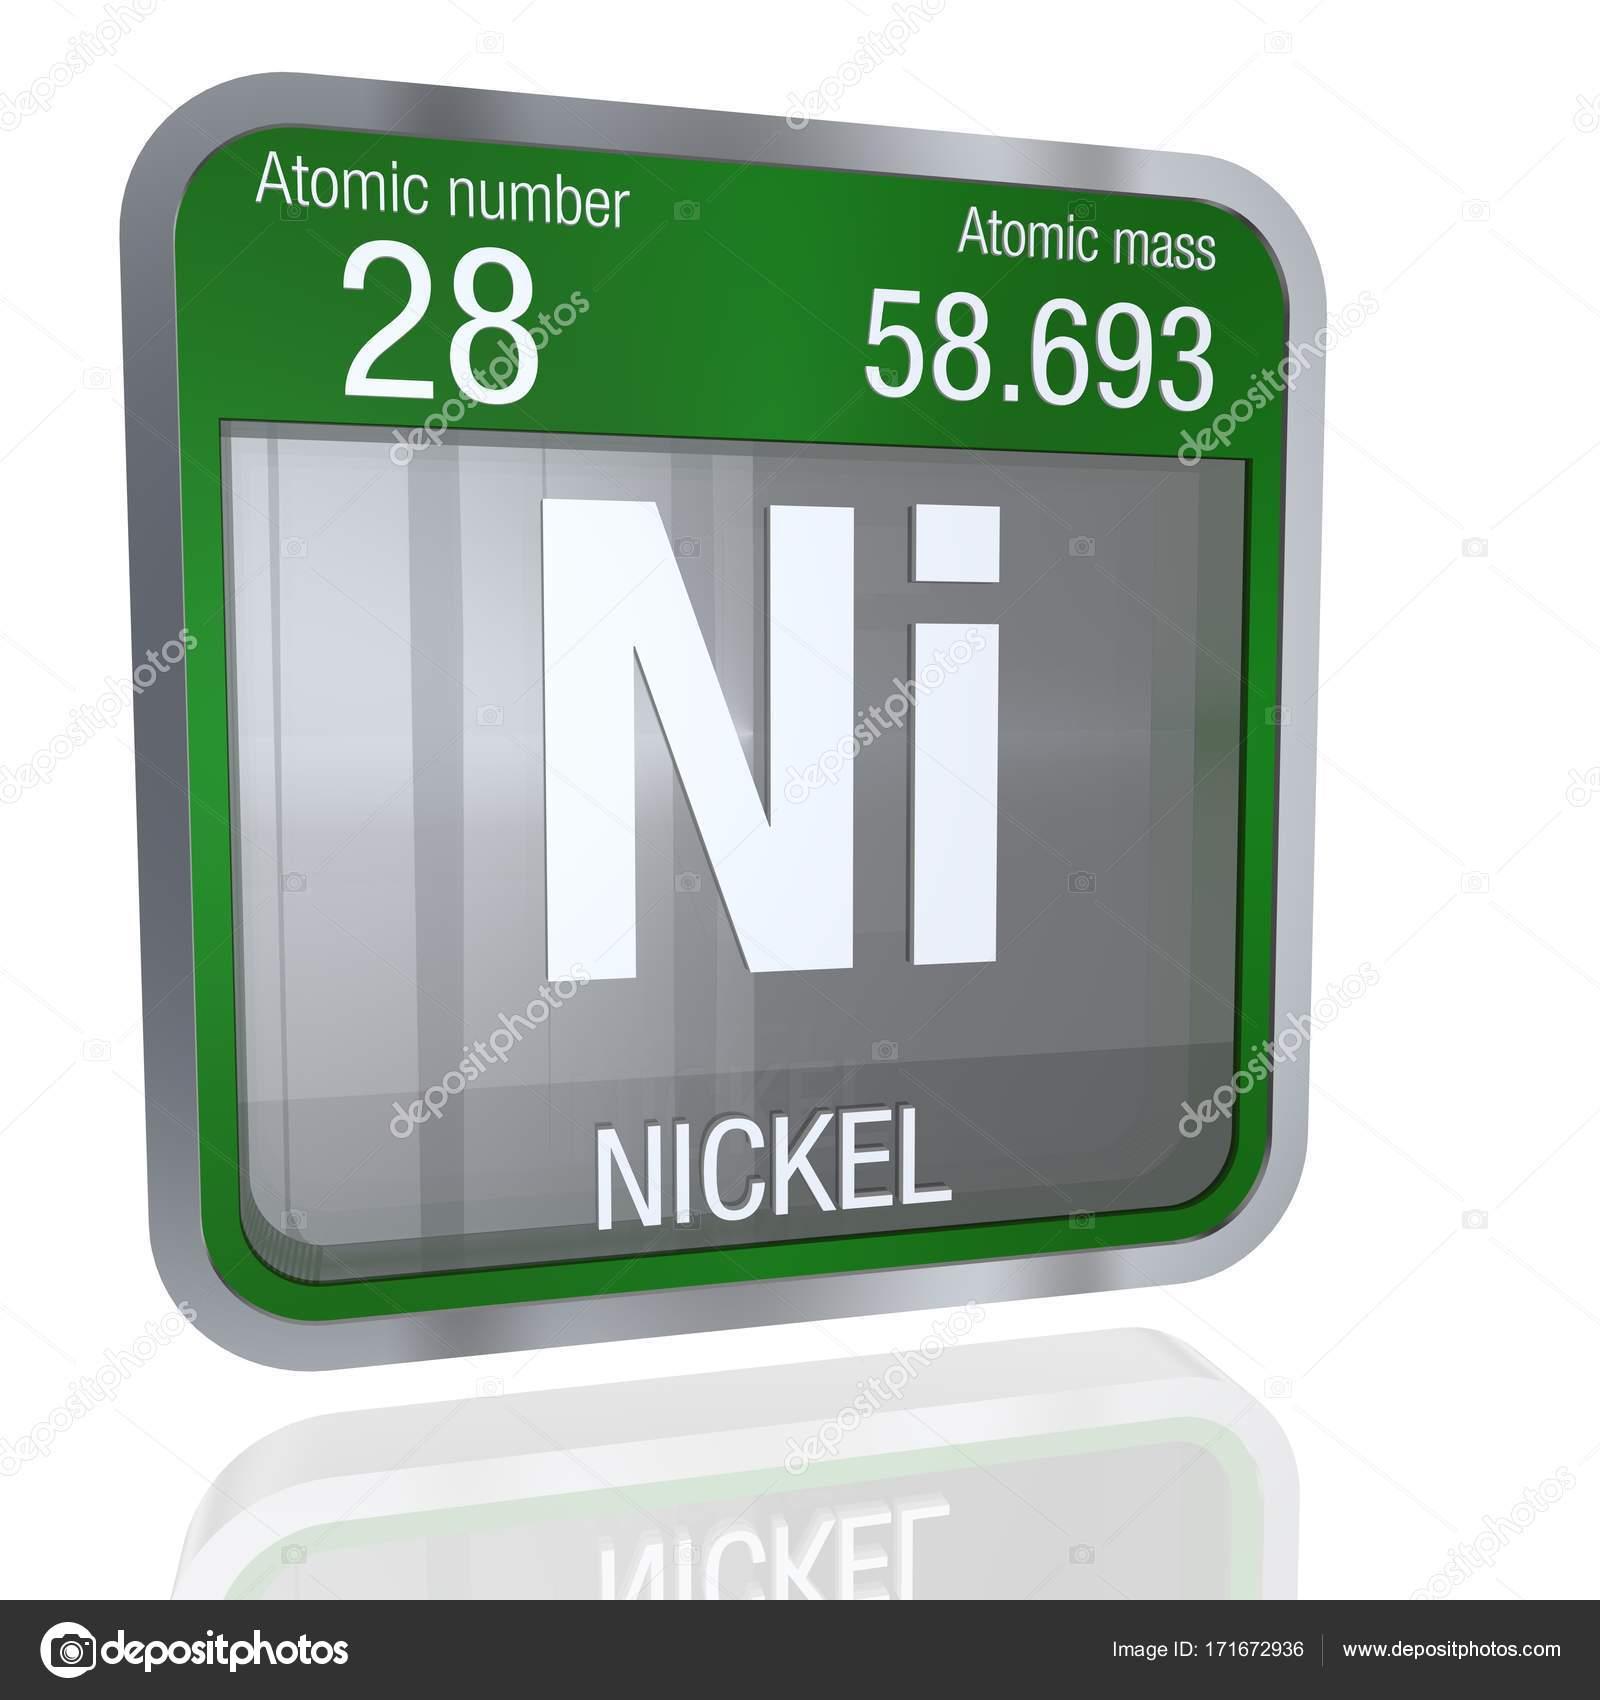 Smbolo de nquel en forma cuadrada con borde metlico y fondo elemento nmero 28 de la tabla peridica de los elementos qumica foto de alejomiranda urtaz Choice Image